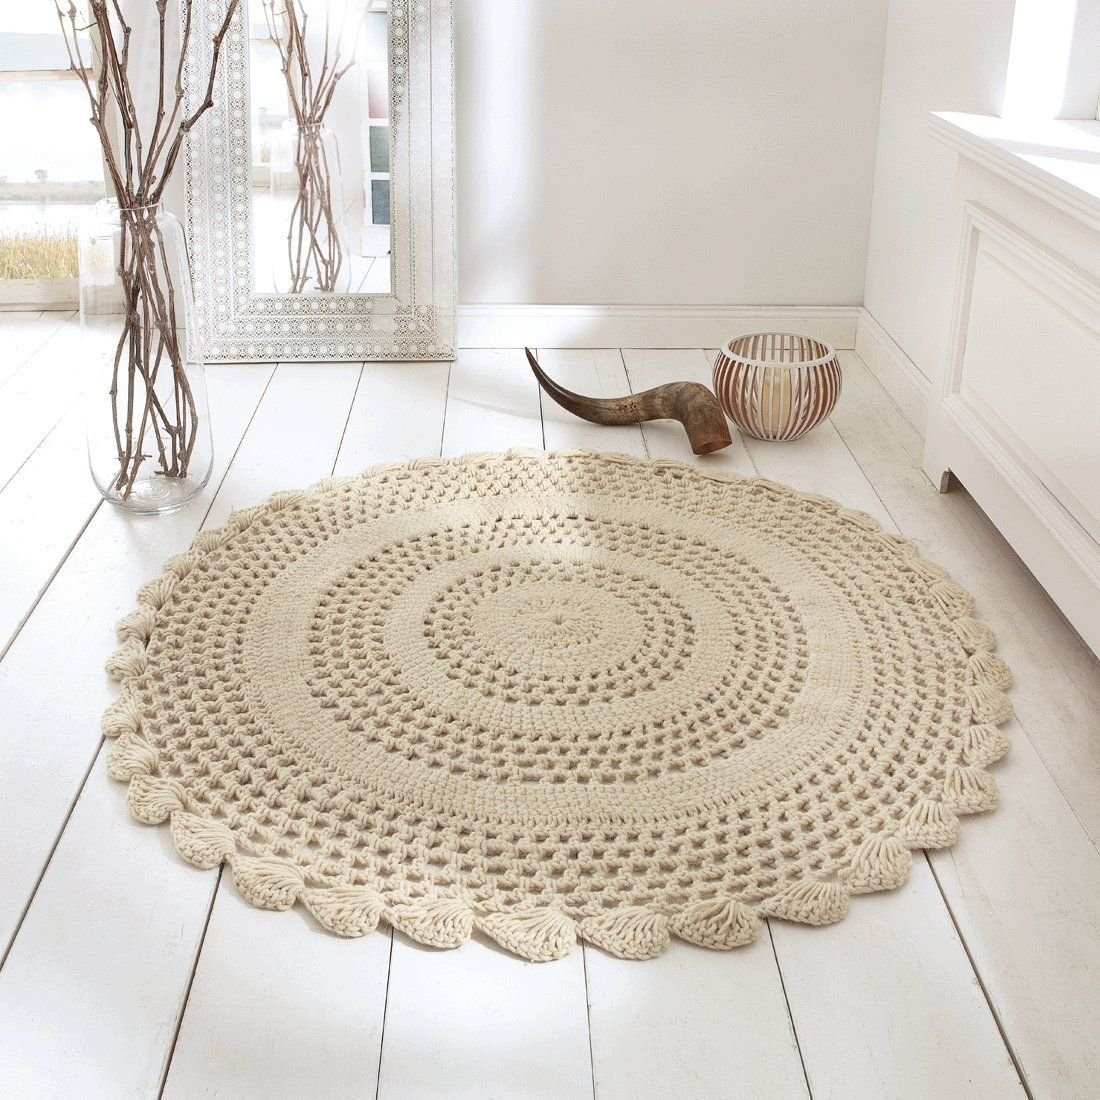 teppich liesel aus wolle 120 cm k che haushalt gestrickt und geh kelt. Black Bedroom Furniture Sets. Home Design Ideas